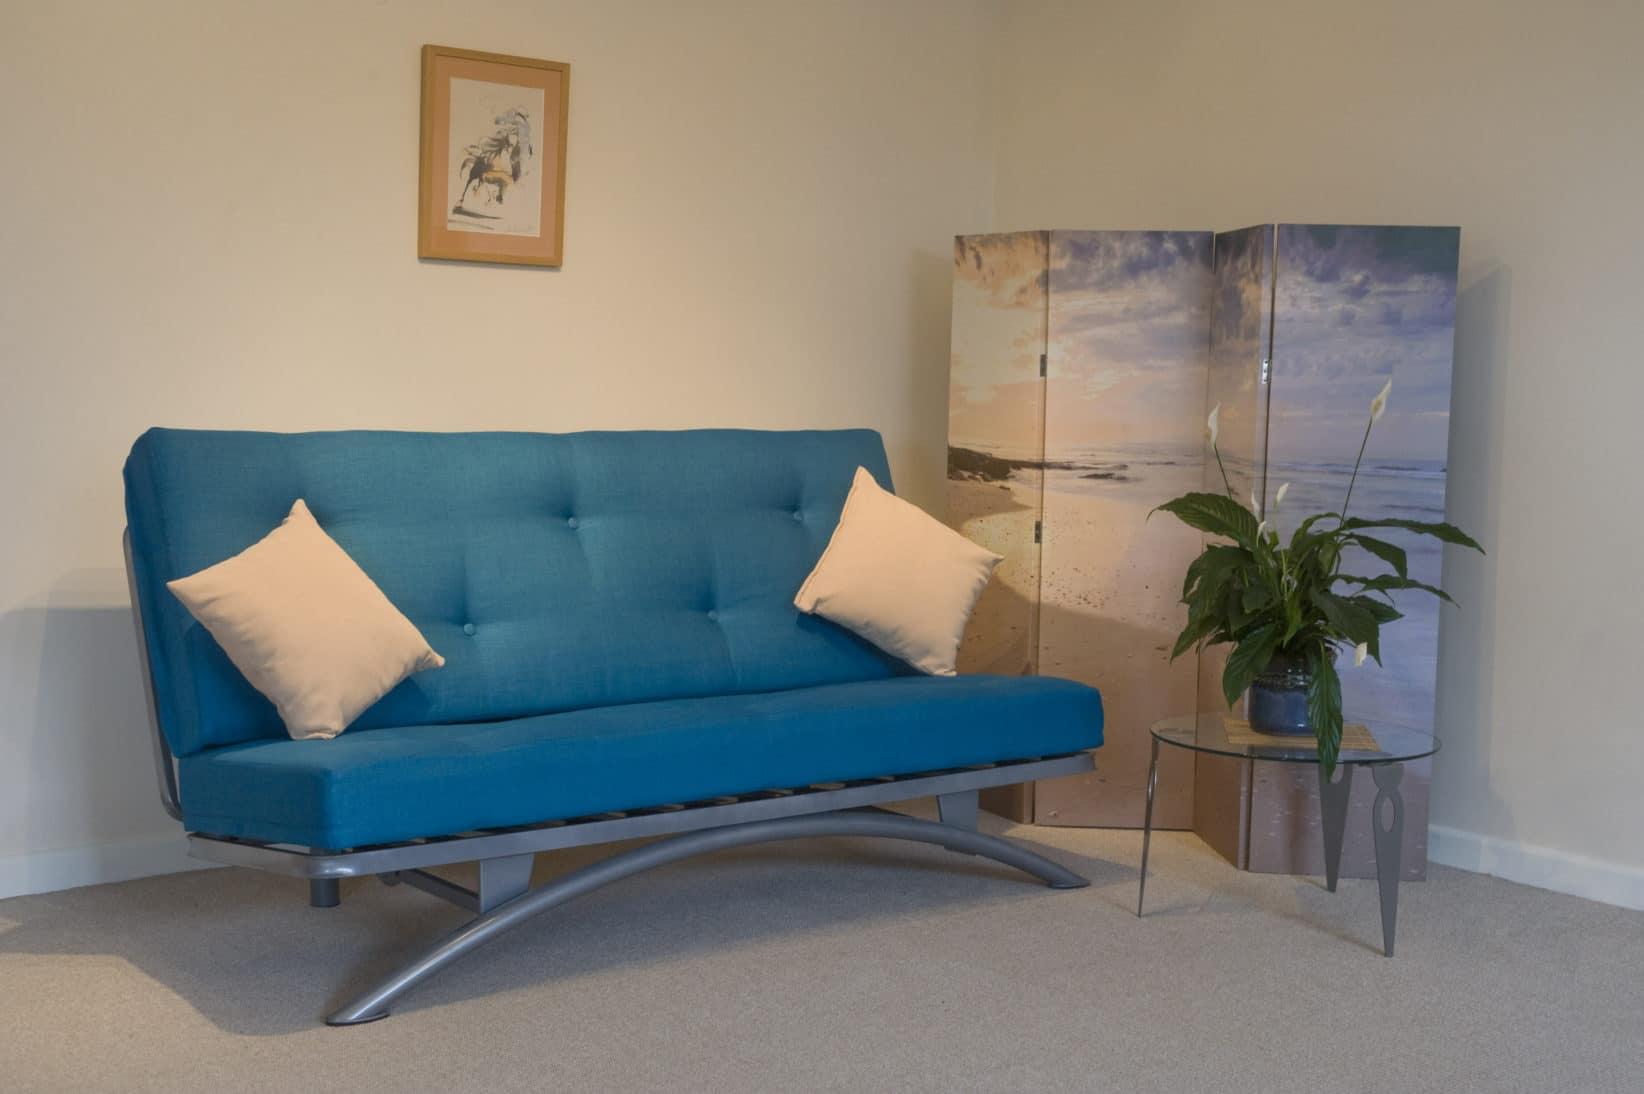 Nordic Studio style 3 seat Sofa